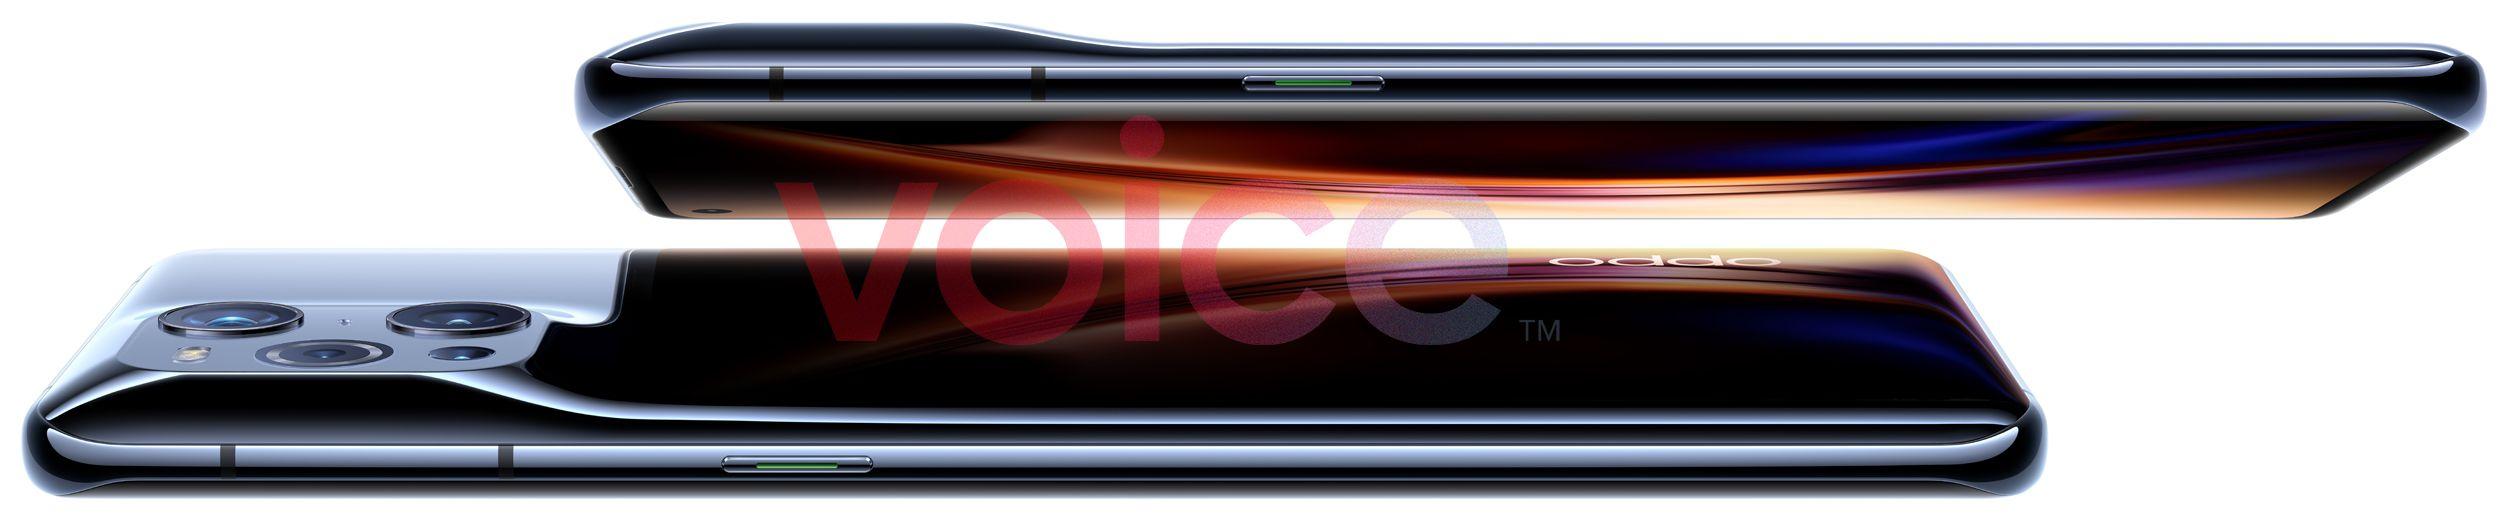 kiedy premiera Oppo Find X3 Pro rendery specyfikacja techniczna aparat